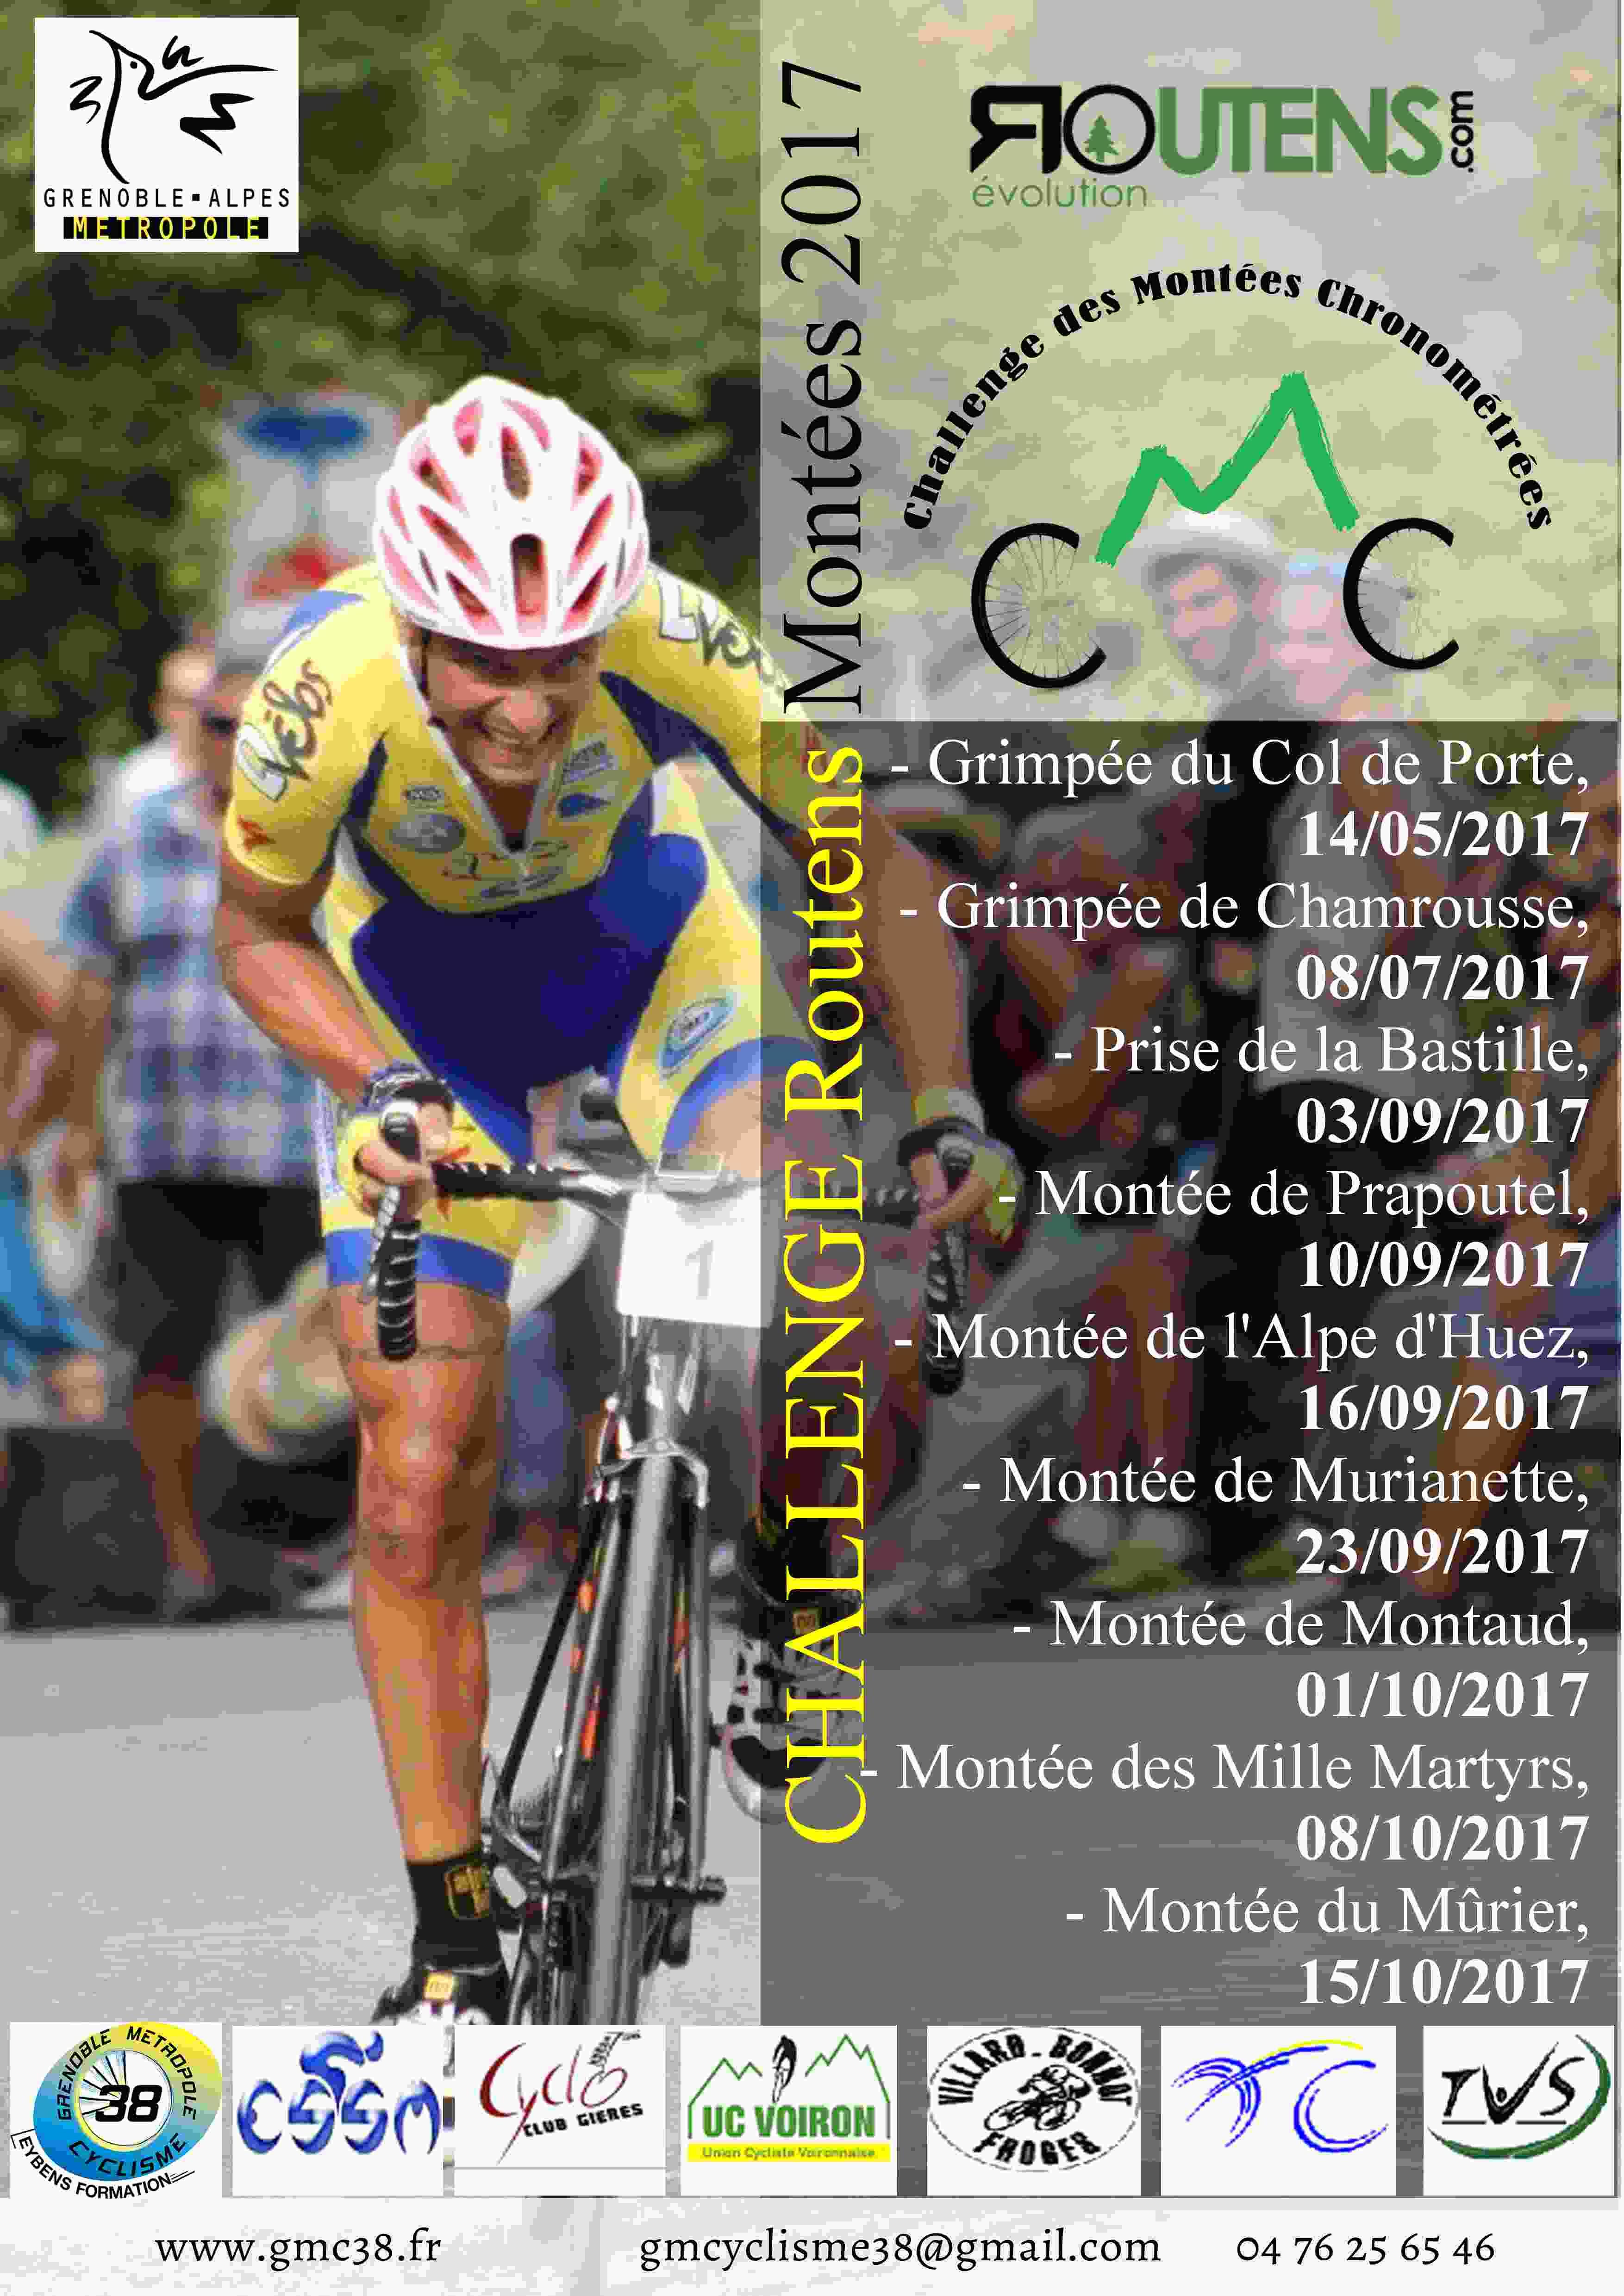 Première manche du challenge Routens des montées chronométrées : le col de Porte